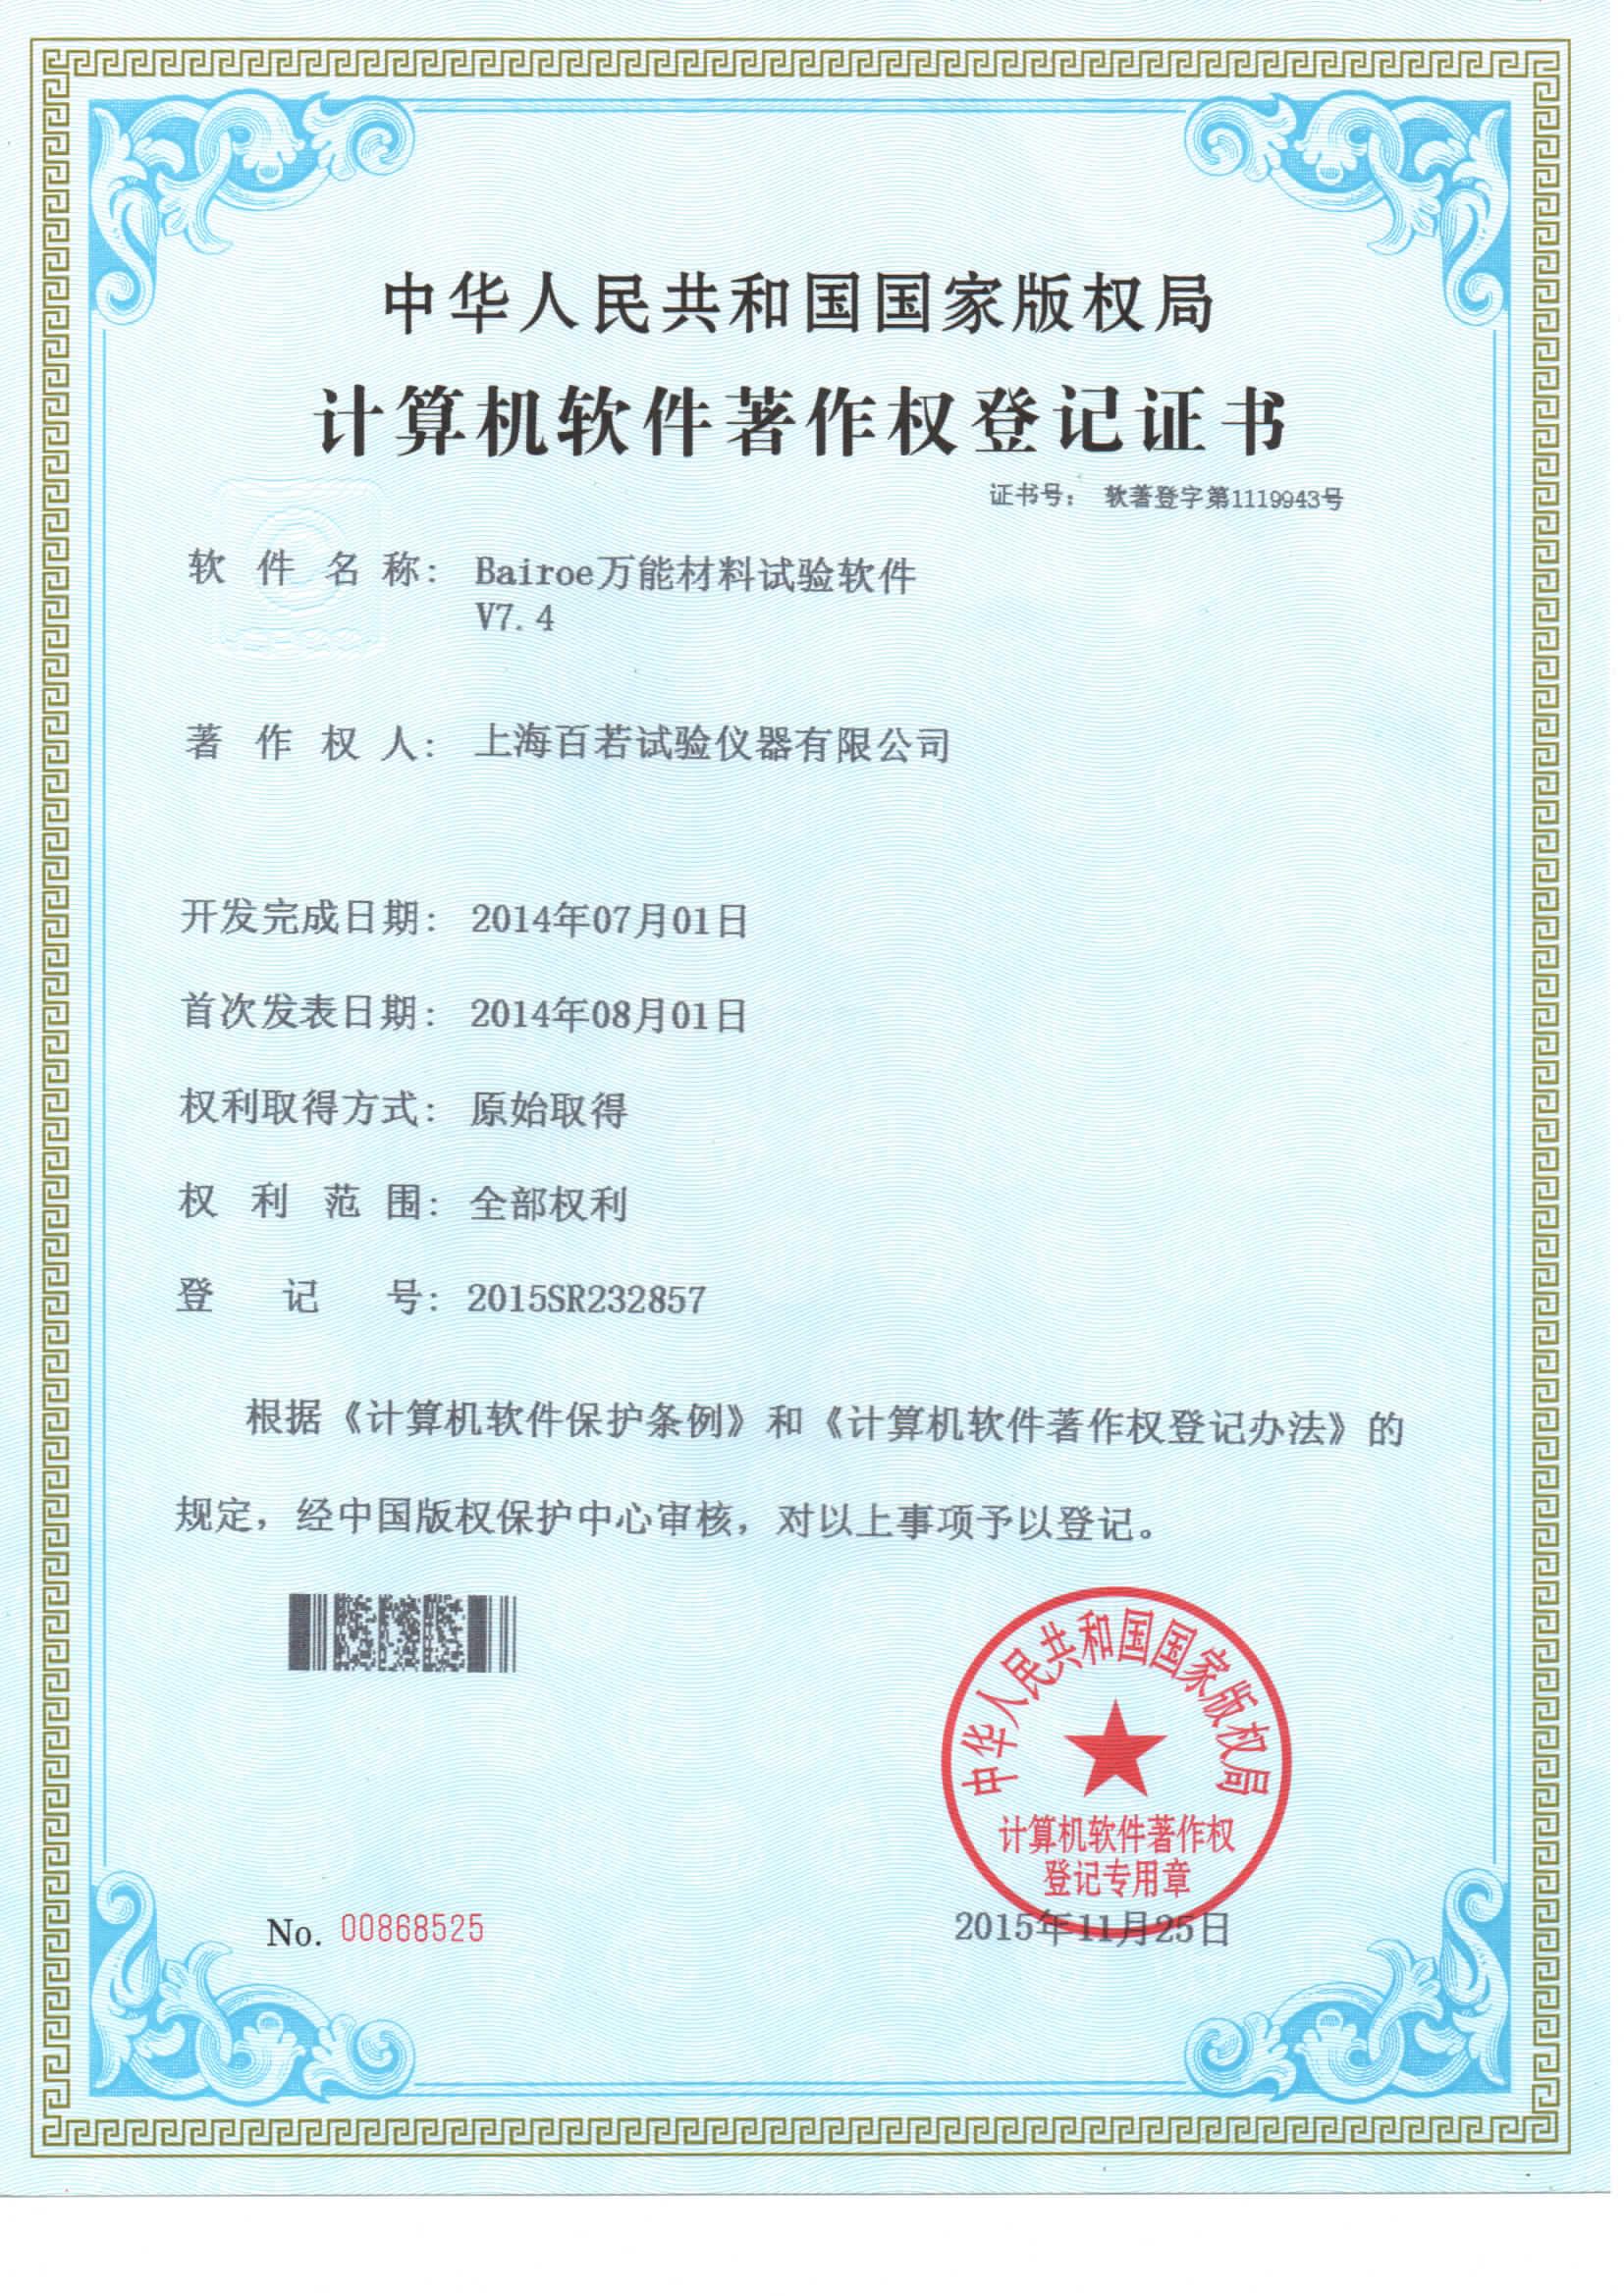 万能材料-计算机软件著作权登记证书